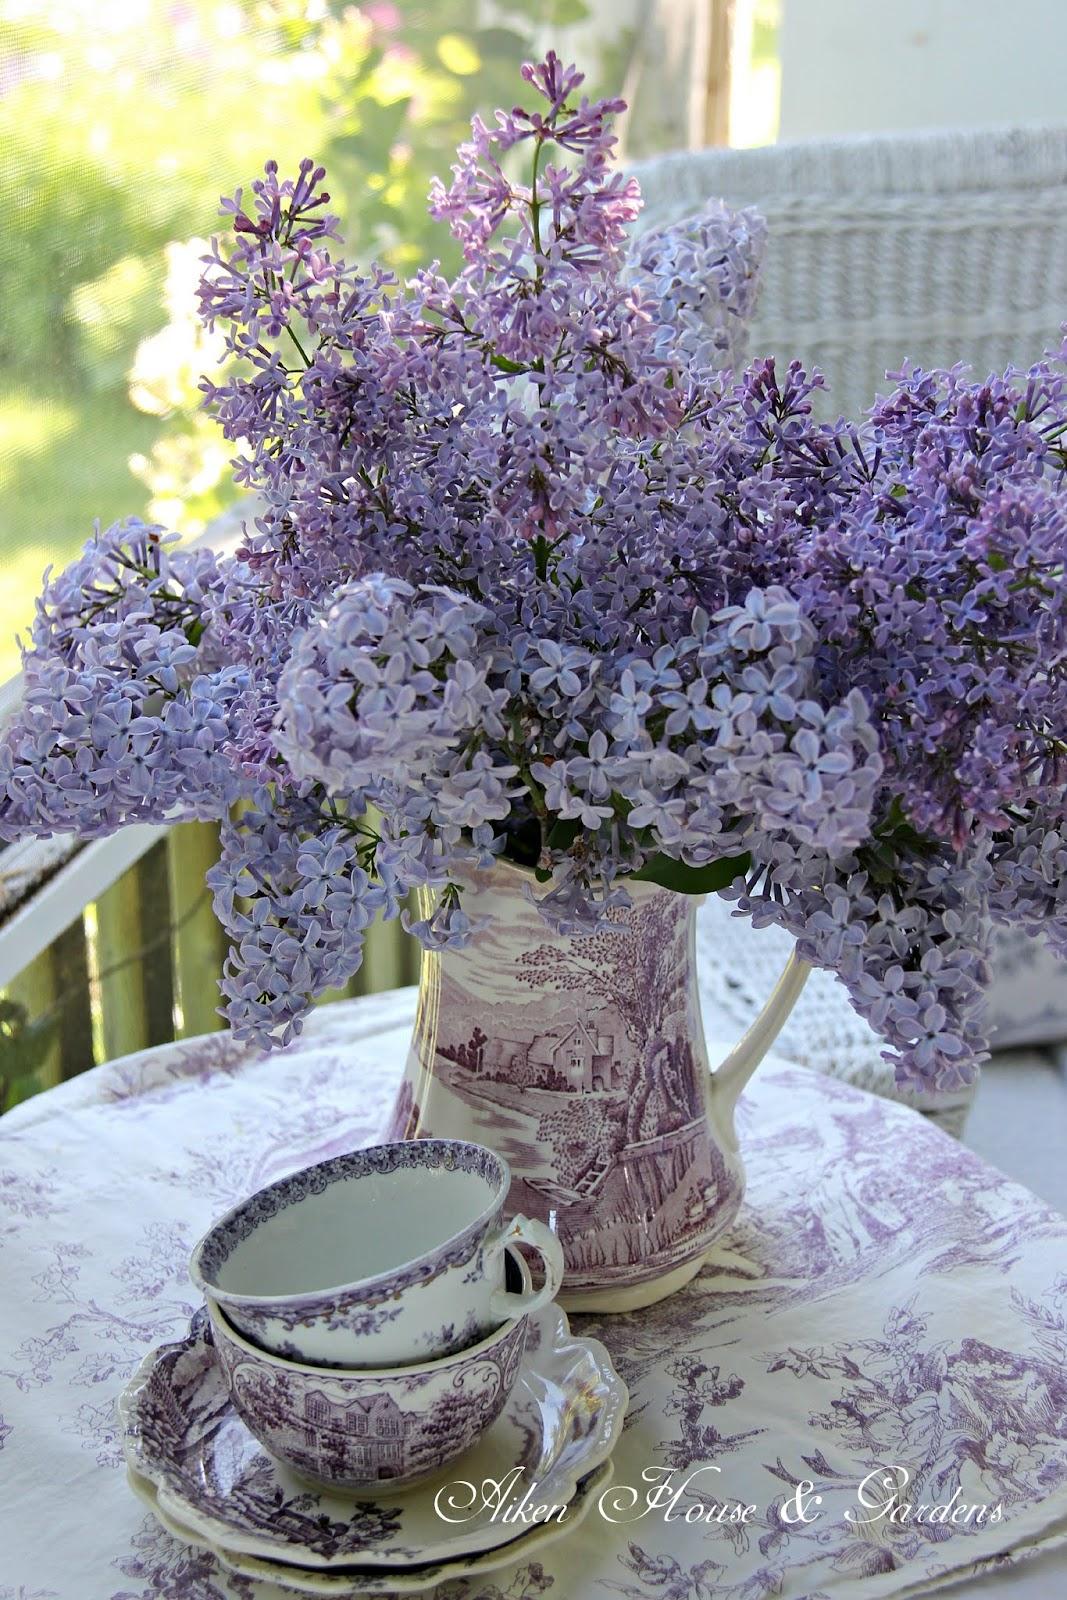 Aiken house gardens tea time a year in review for Bouquet de fleurs 2016